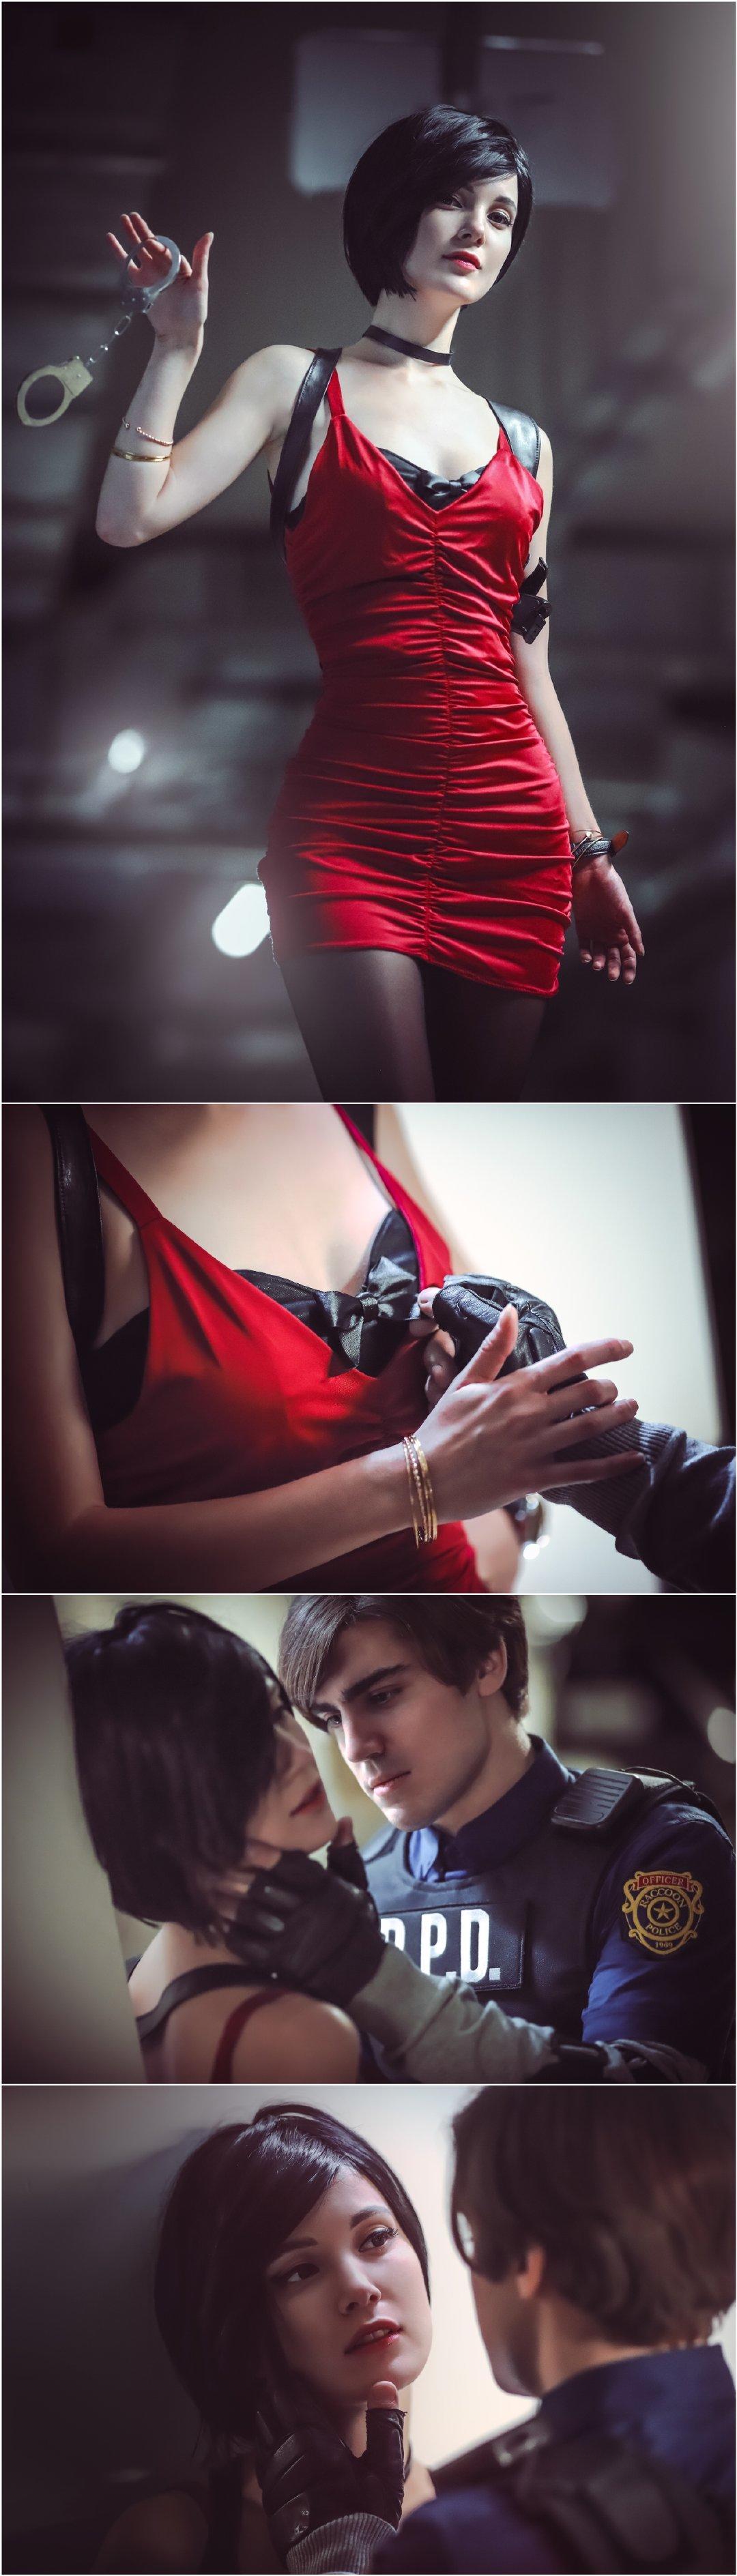 《生化危机2 》艾达王、里昂的出镜 男人文娱 热图7